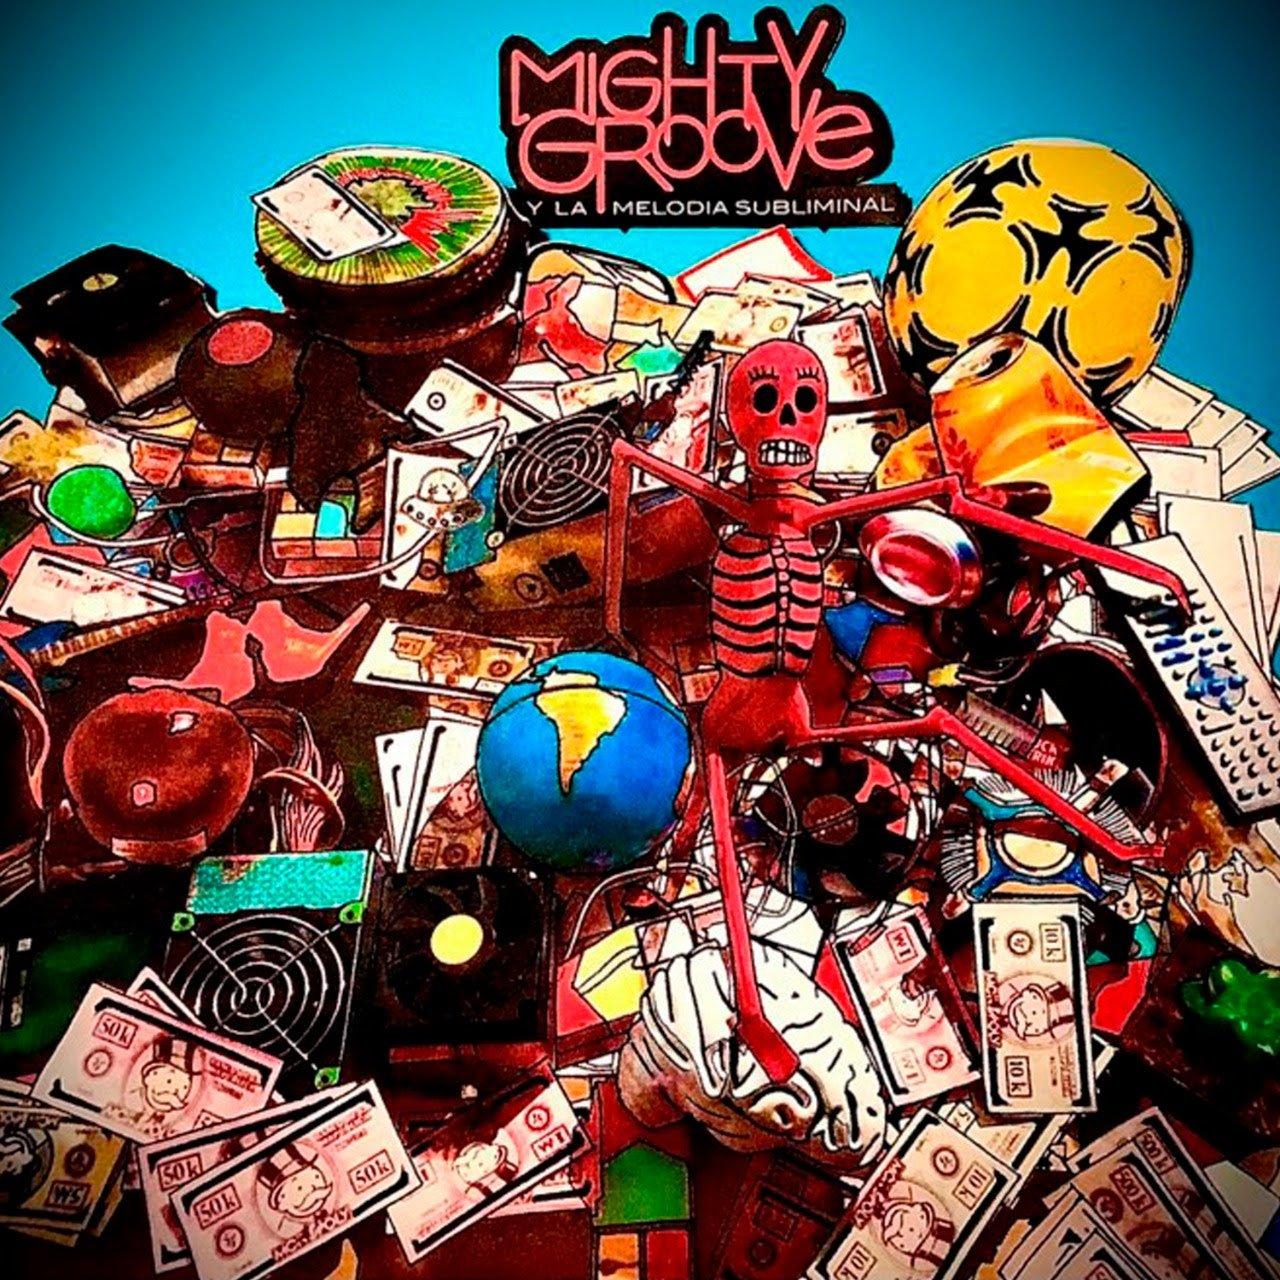 Mighty Groove y la Melodía Subliminal lanza 'El Mundo' Un disco frenético y contestatario - unnamed-15